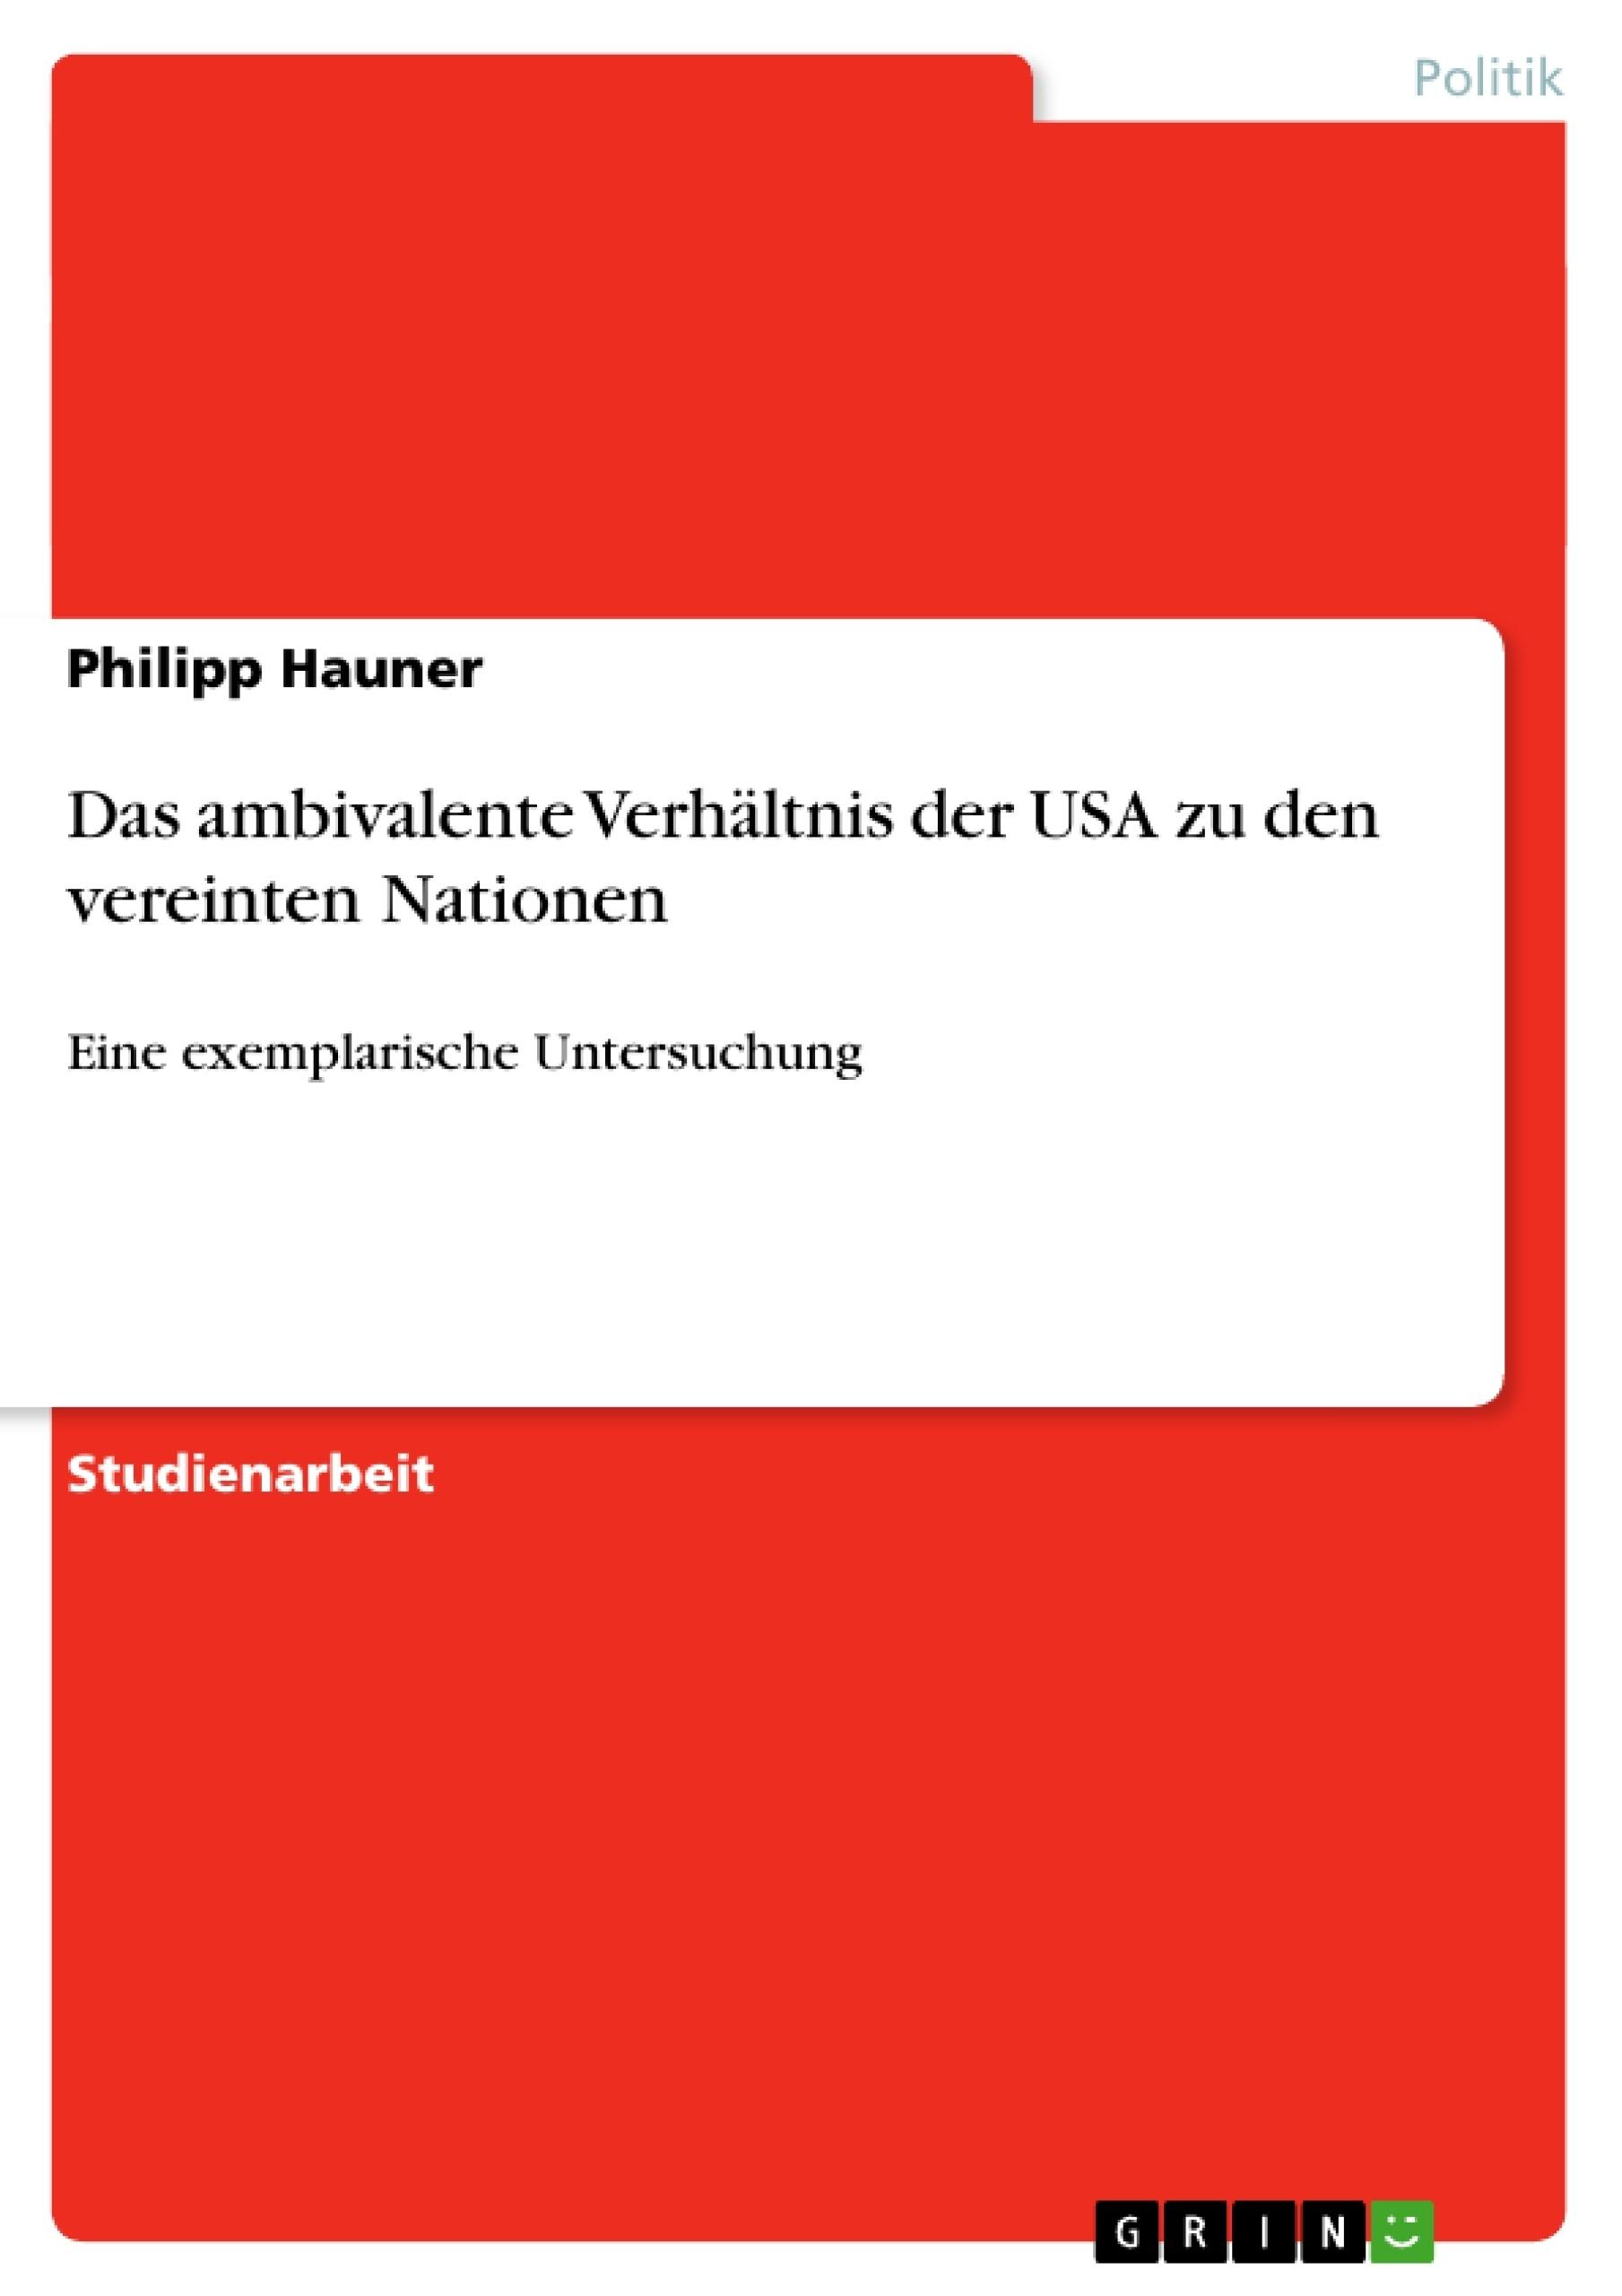 Titel: Das ambivalente Verhältnis der USA zu den vereinten Nationen